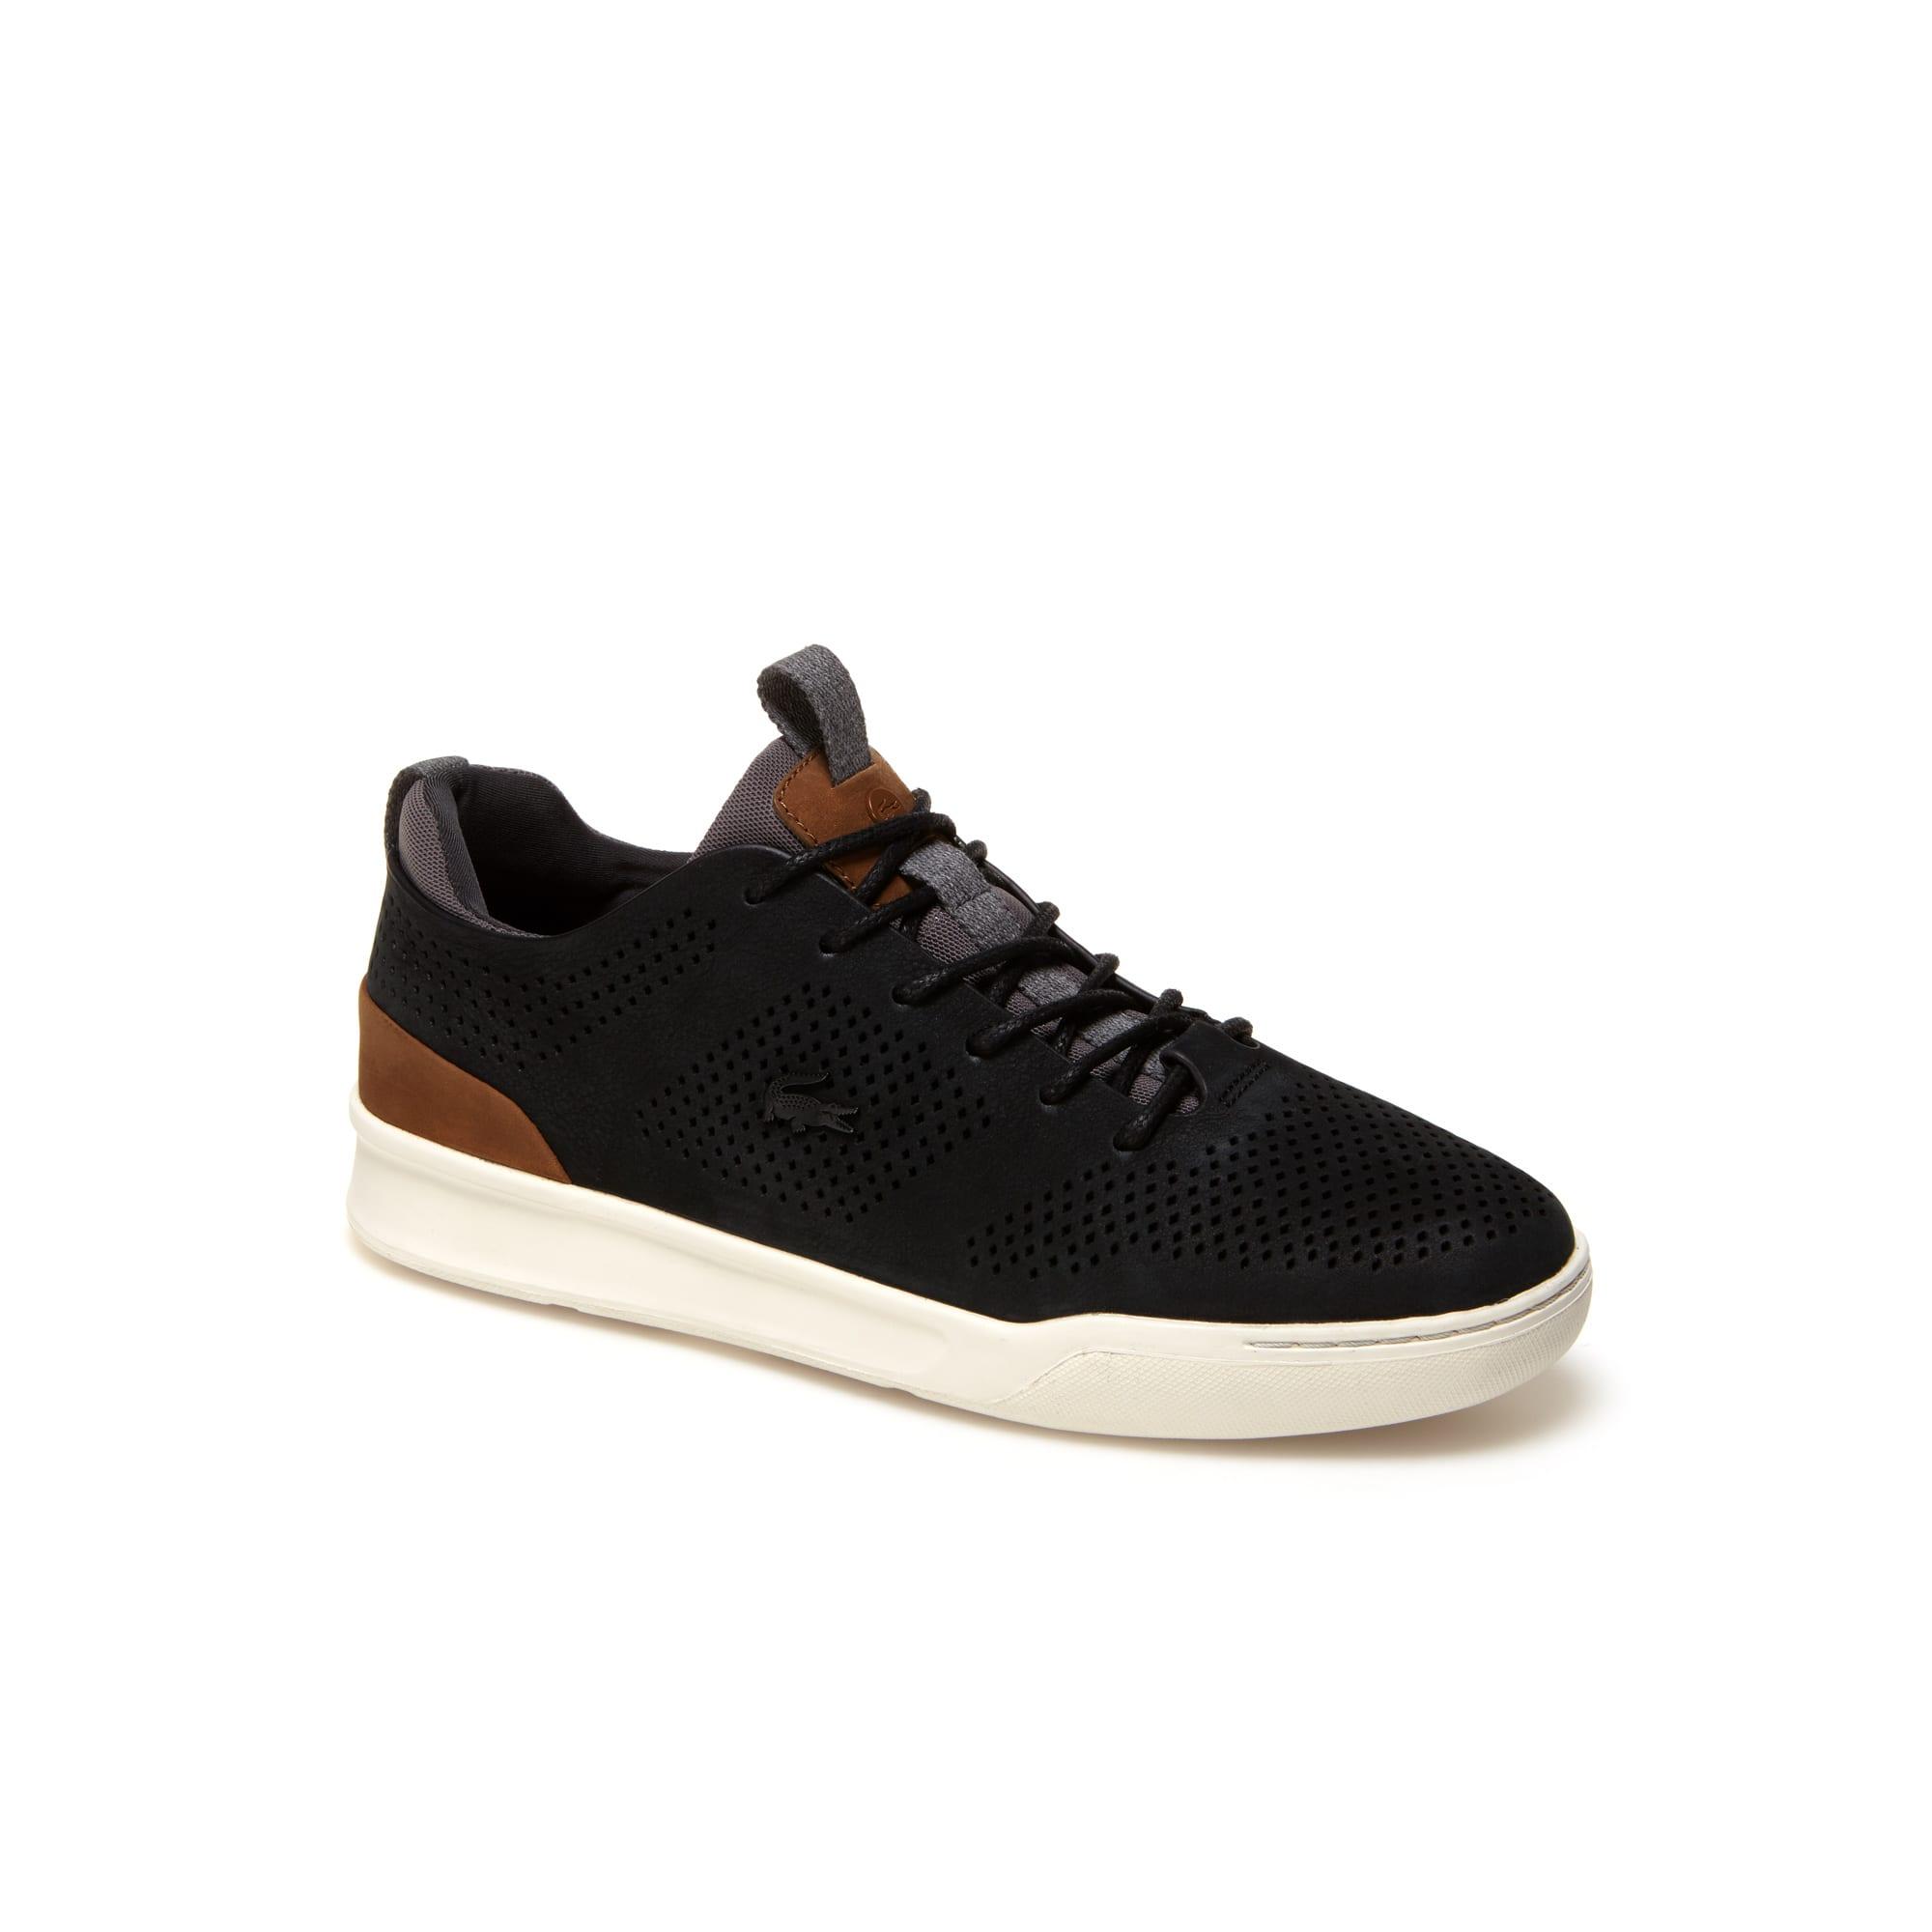 Herren-Sneakers L.12.12 LIGHTWEIGHT aus Stoff